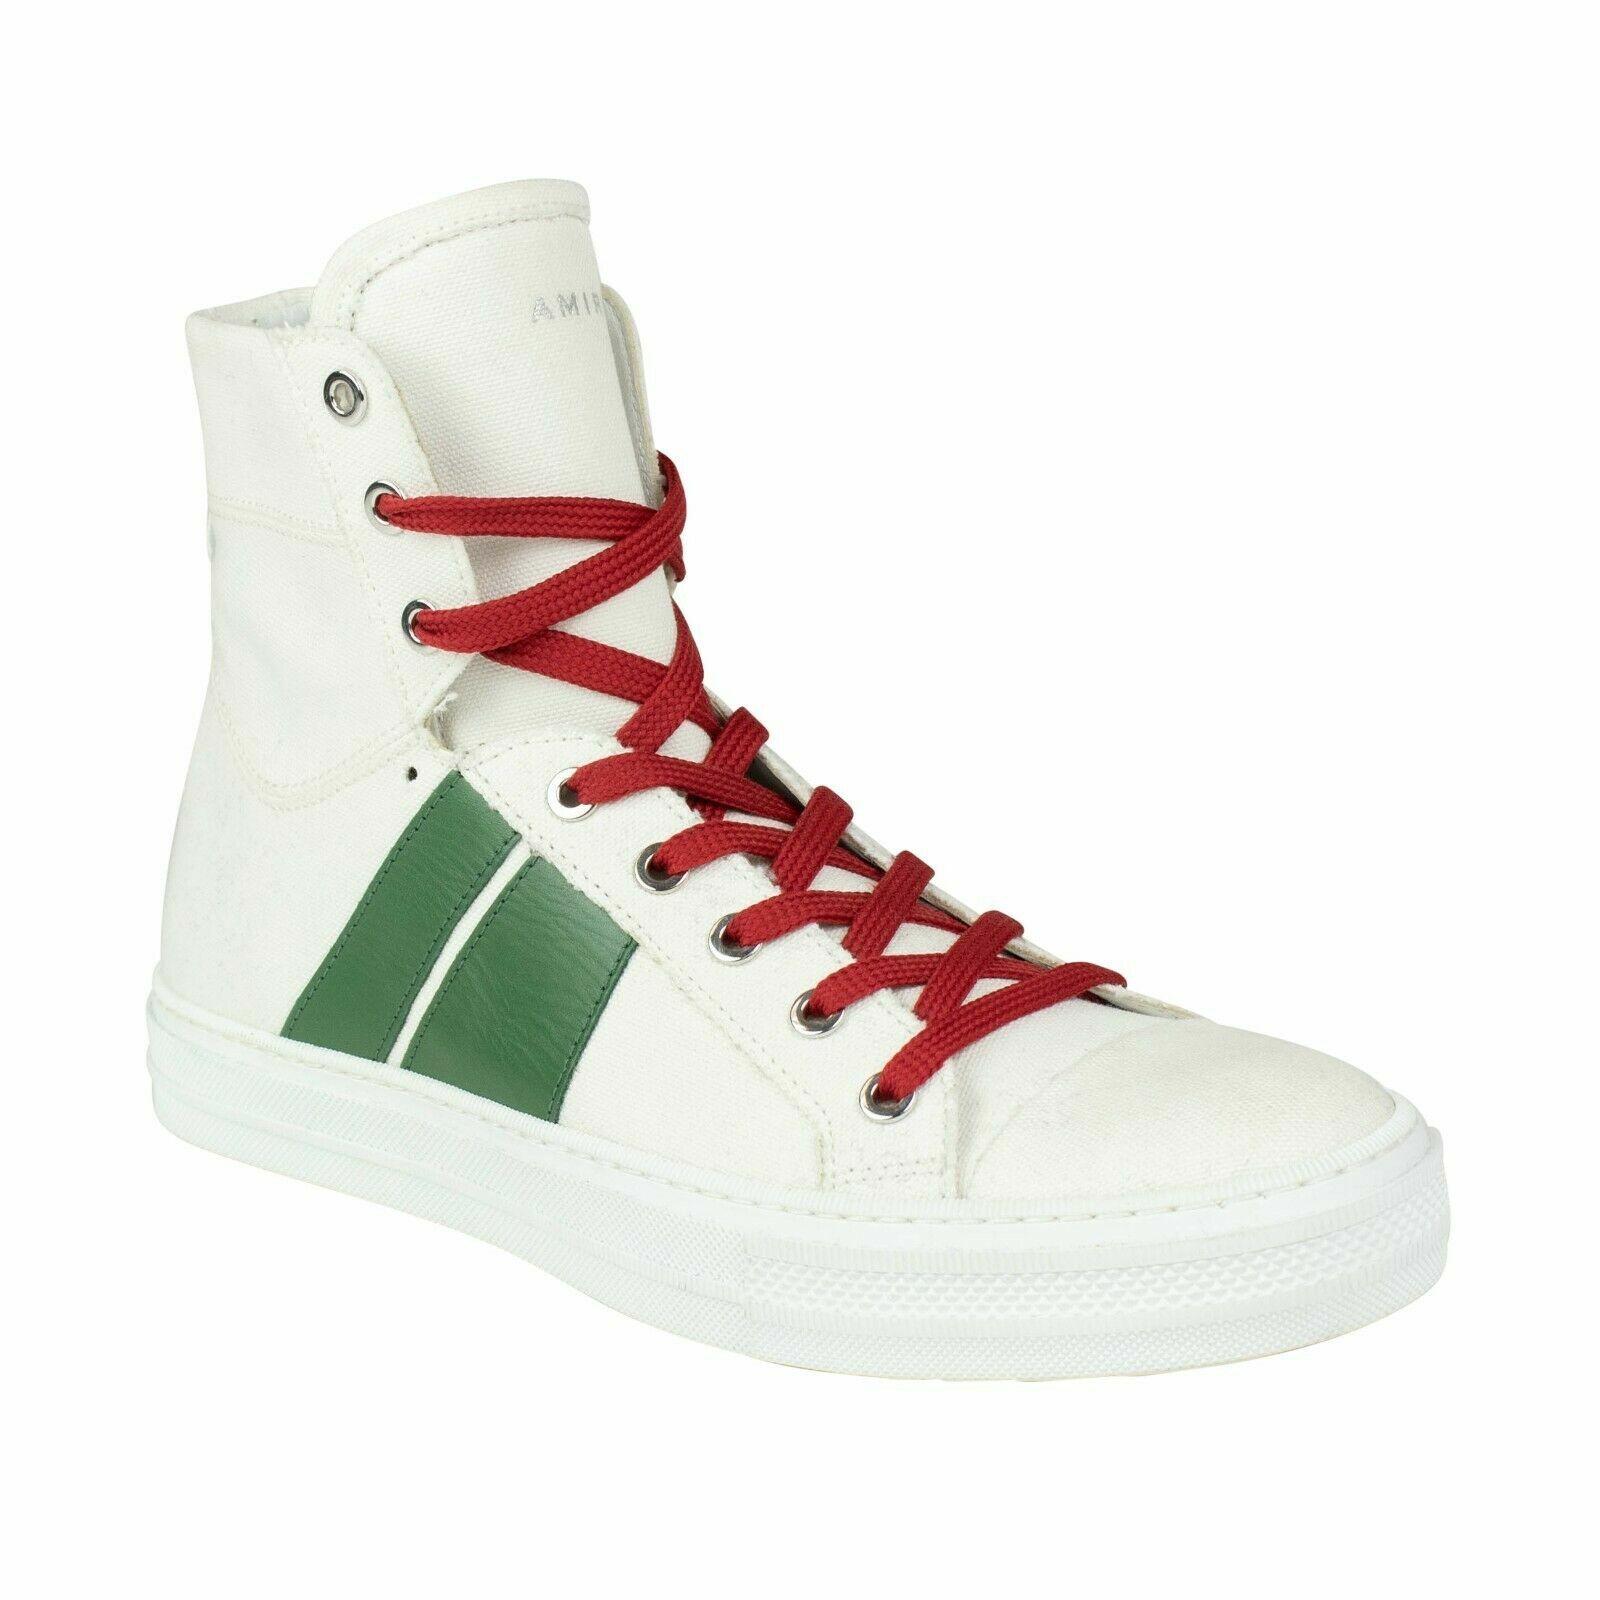 NIB AMIRI 'Sunset' bianca Canvas And Leather scarpe da ginnastica scarpe Dimensione 9 US 42 EU  550